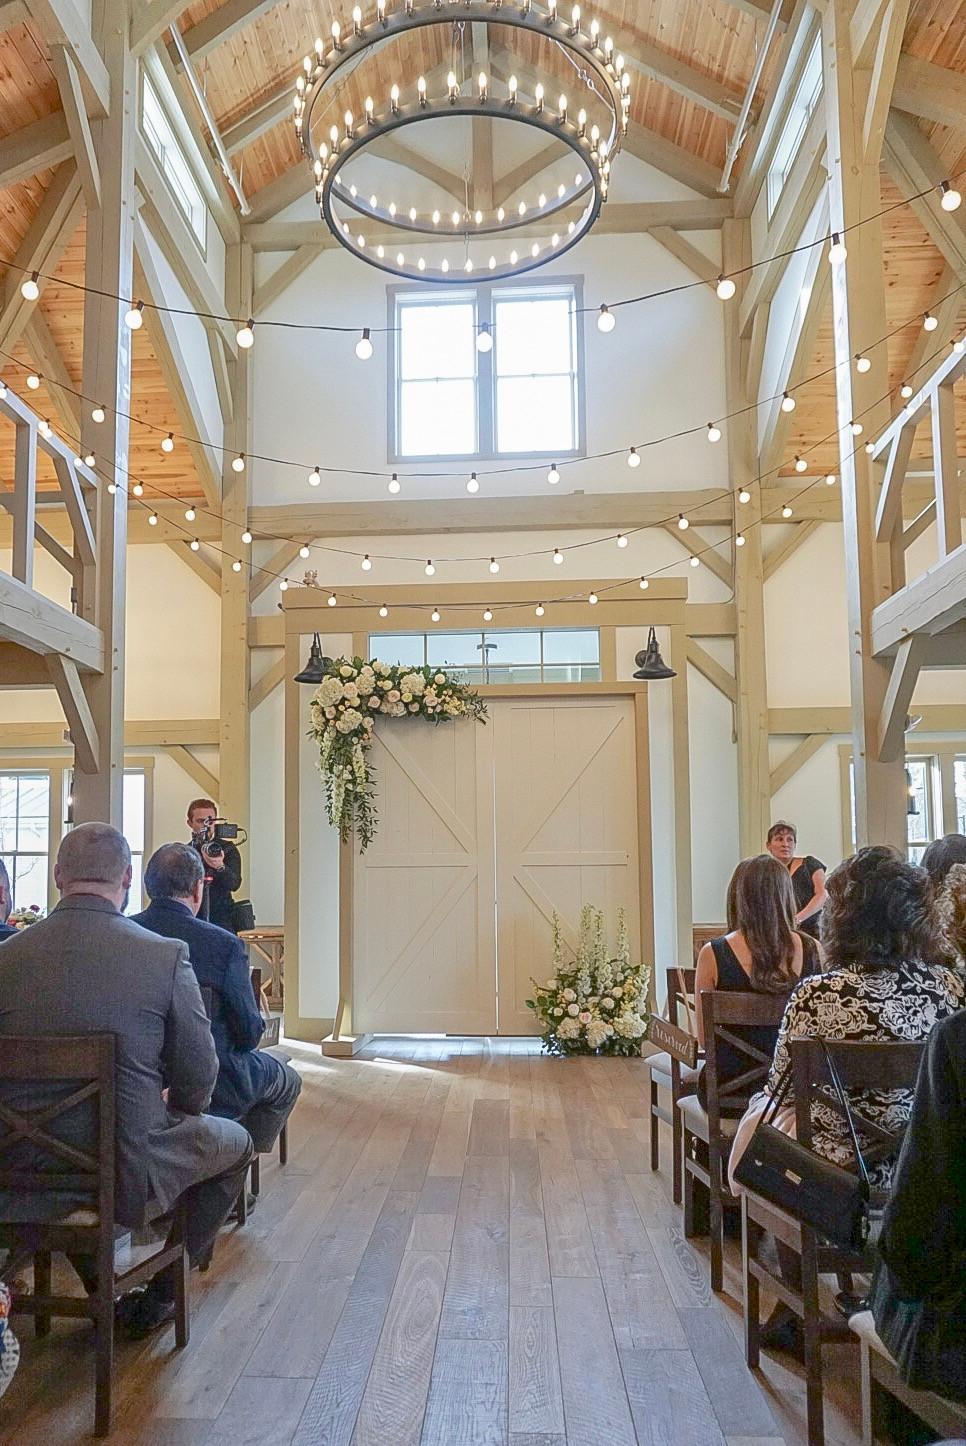 Grove Restuarant, Rowely MA, Briar Barn Inn Wedding, Briar Barn Inn indoor ceremony, Briar Barn Inn Reception, Grove Reception, Wedding Flowers, Fleur and Stitch, Fleur + Stitch, Fleur & Stitch